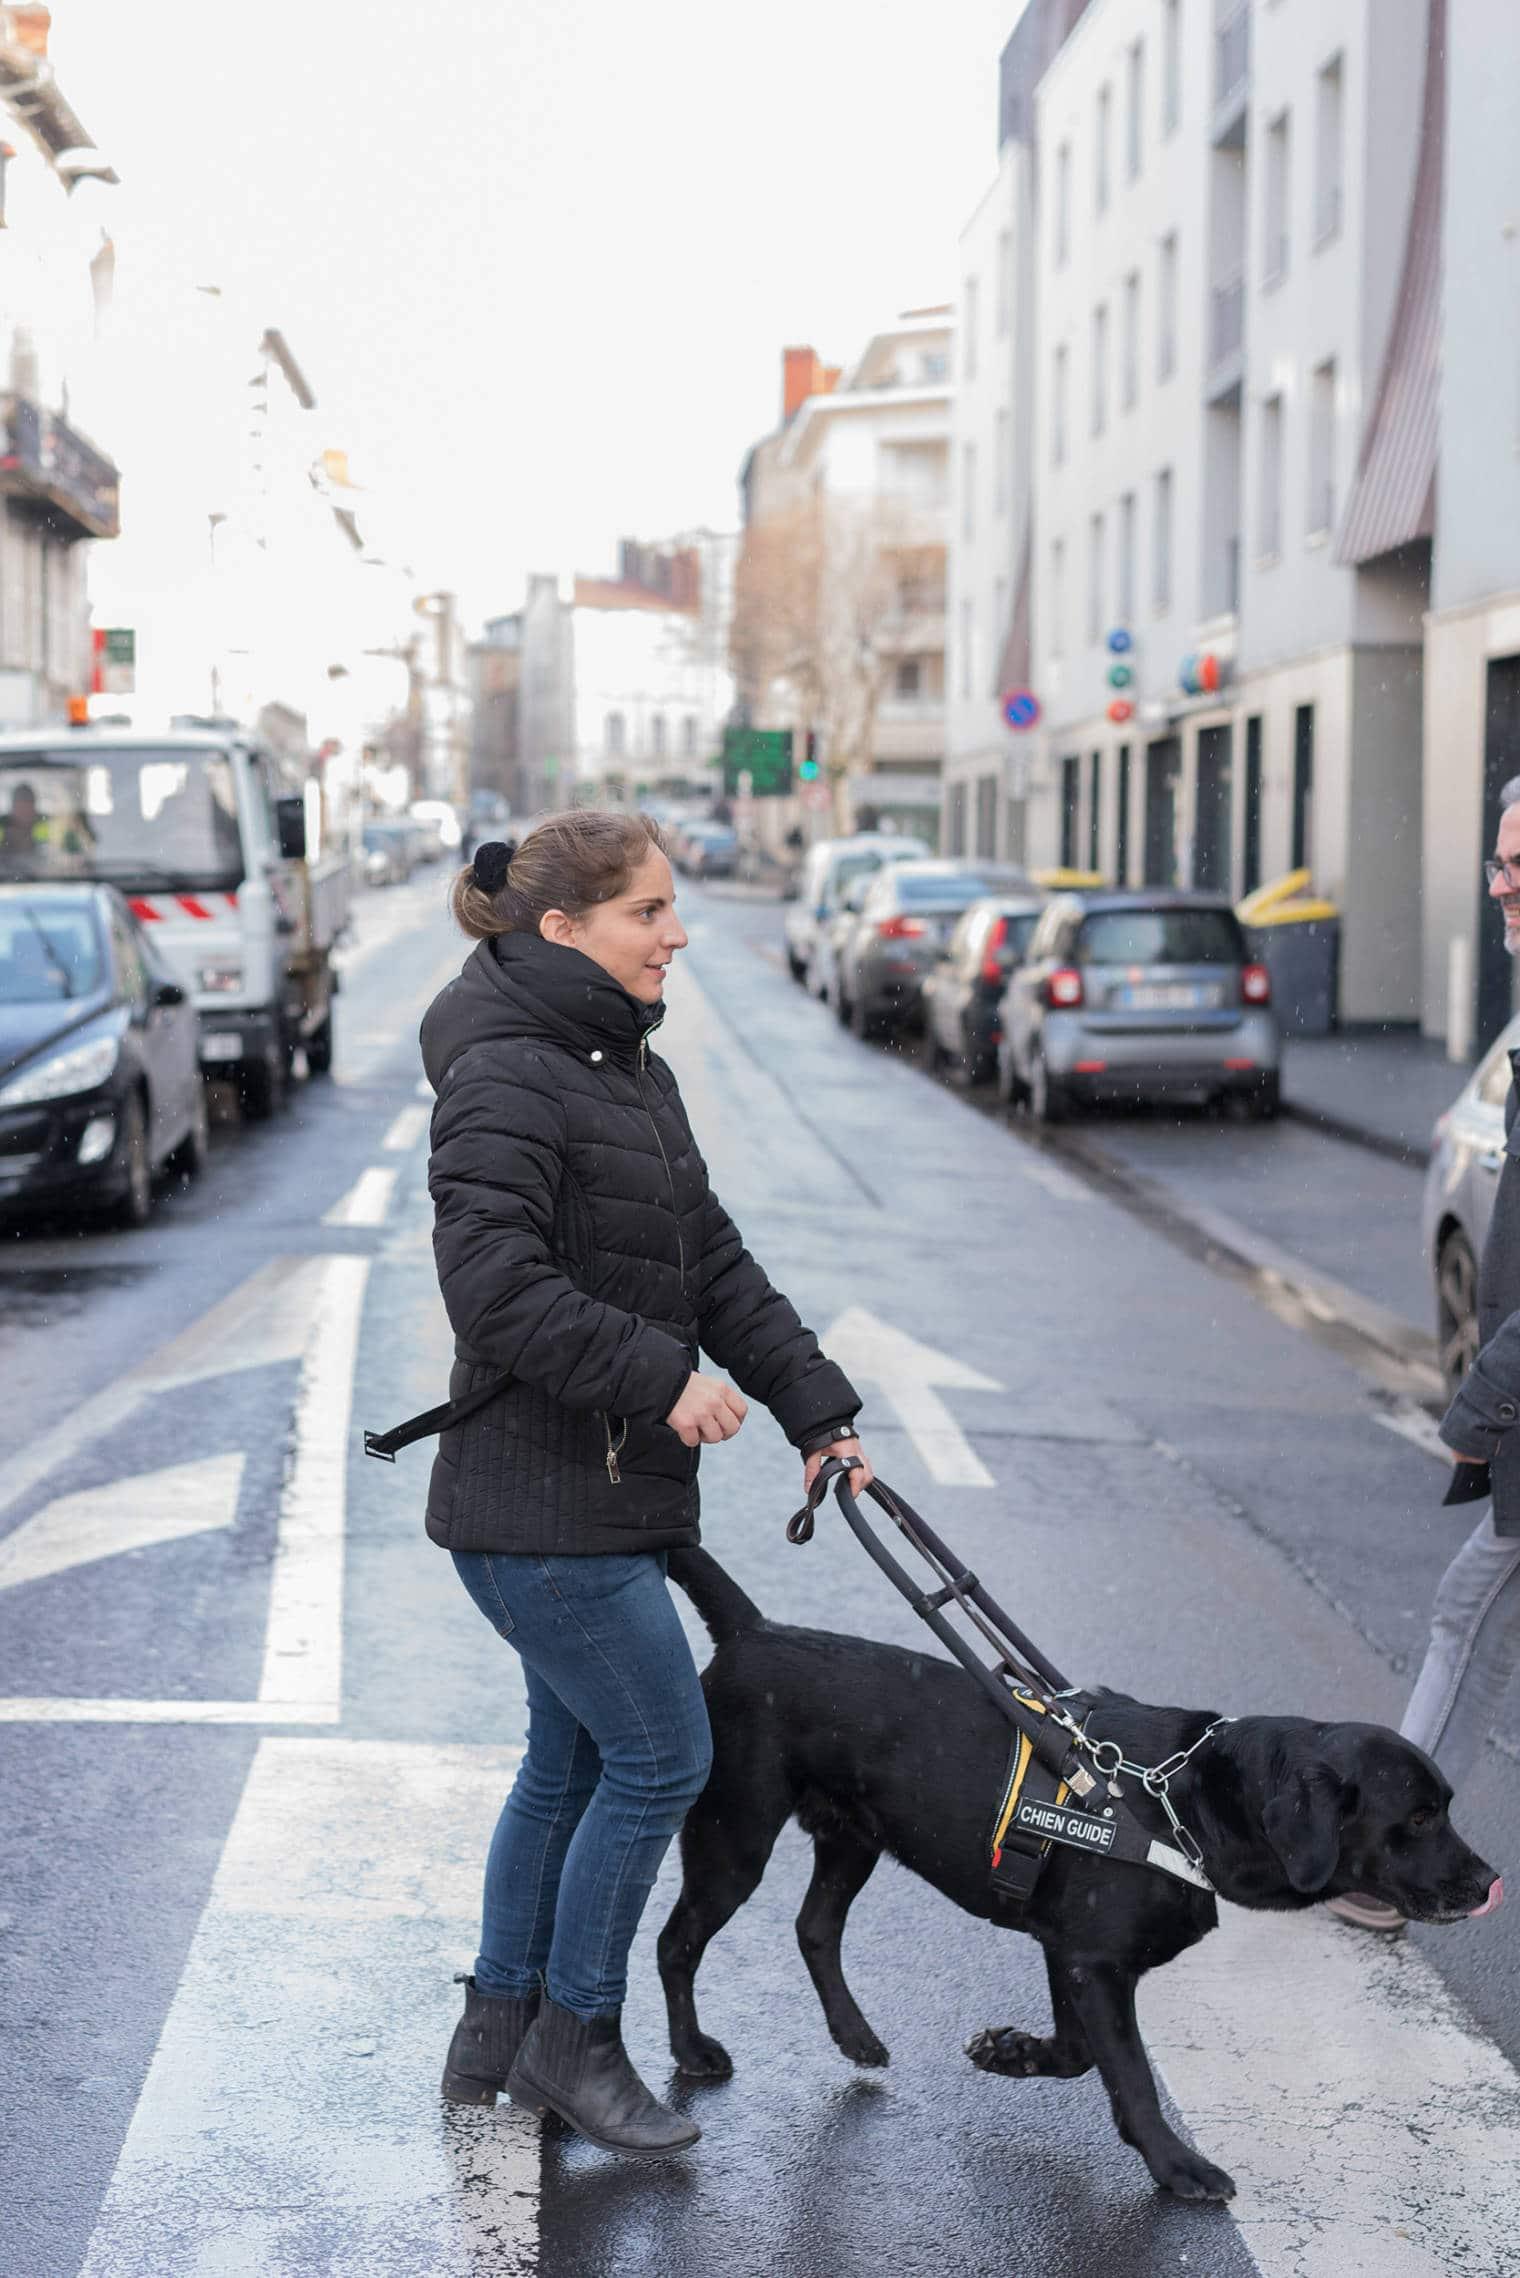 Sabrina Podechard traverse la route au niveau d'un passage piéton avec son chien guide, un labrador noir.